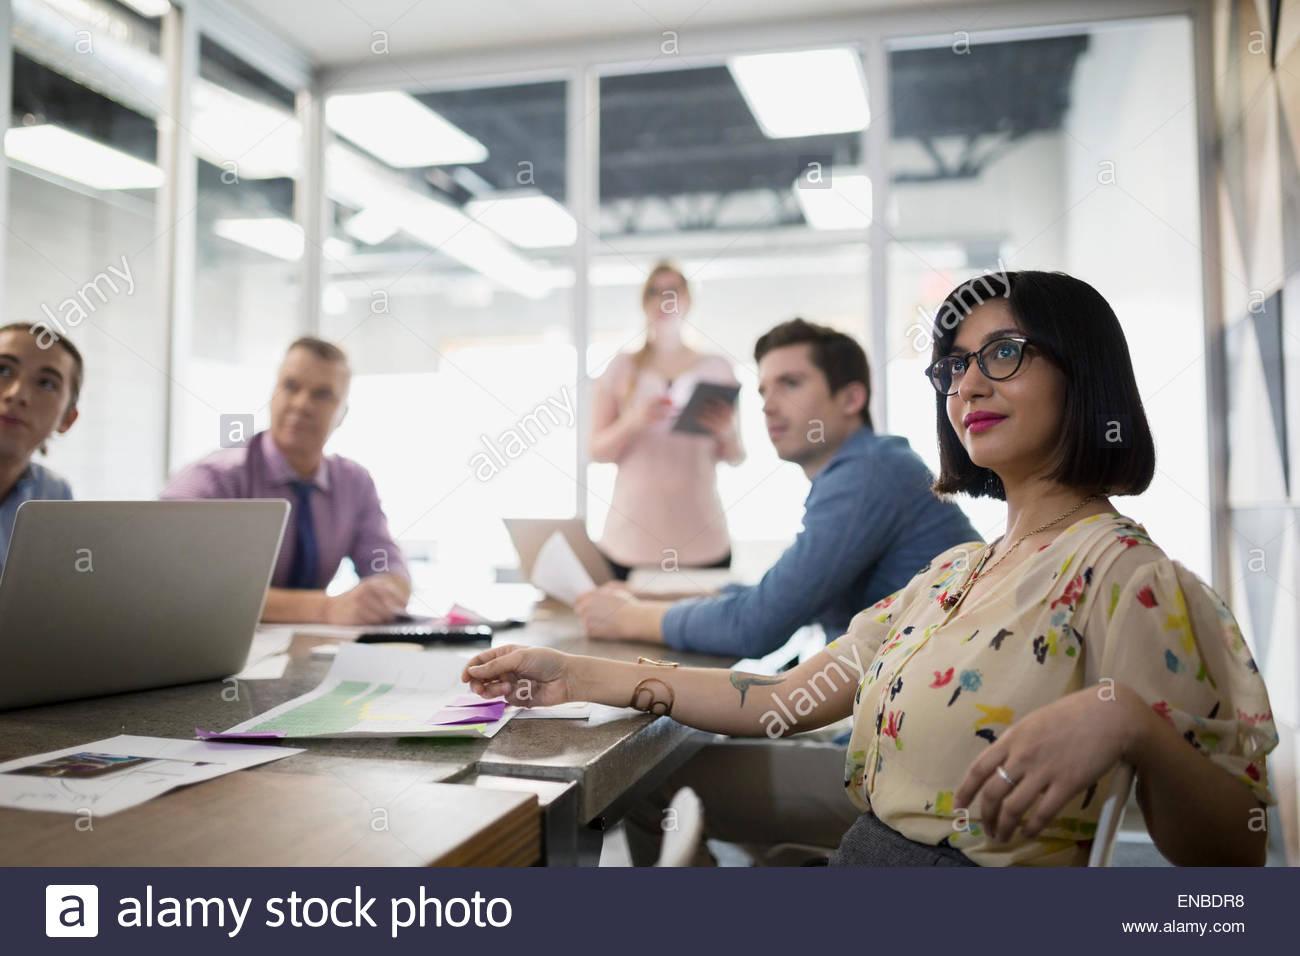 Empresária em reunião sorridente sala de conferência Imagens de Stock